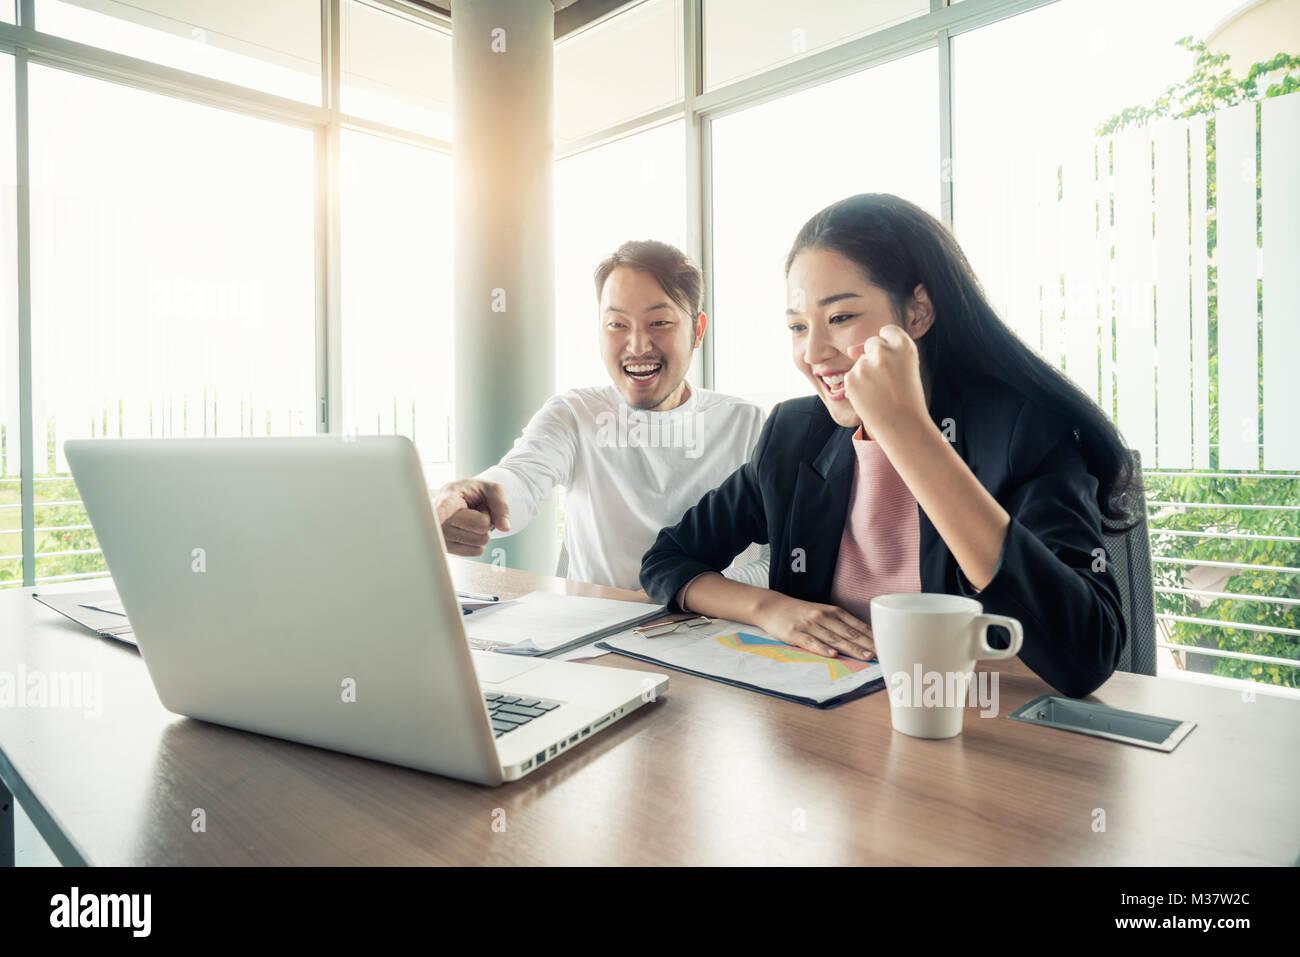 Couple asiatique d'affaires canadiens aux casual working avec plaisir dans l'action des gens d'affaires Photo Stock